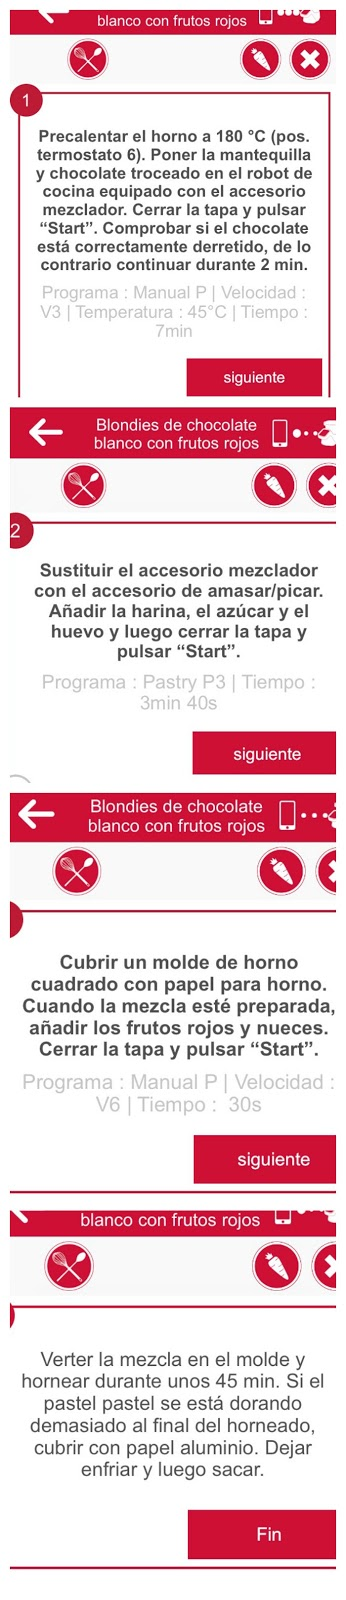 Blondie con frutos rojos. Receta con (y sin) Moulinex i-Companion.